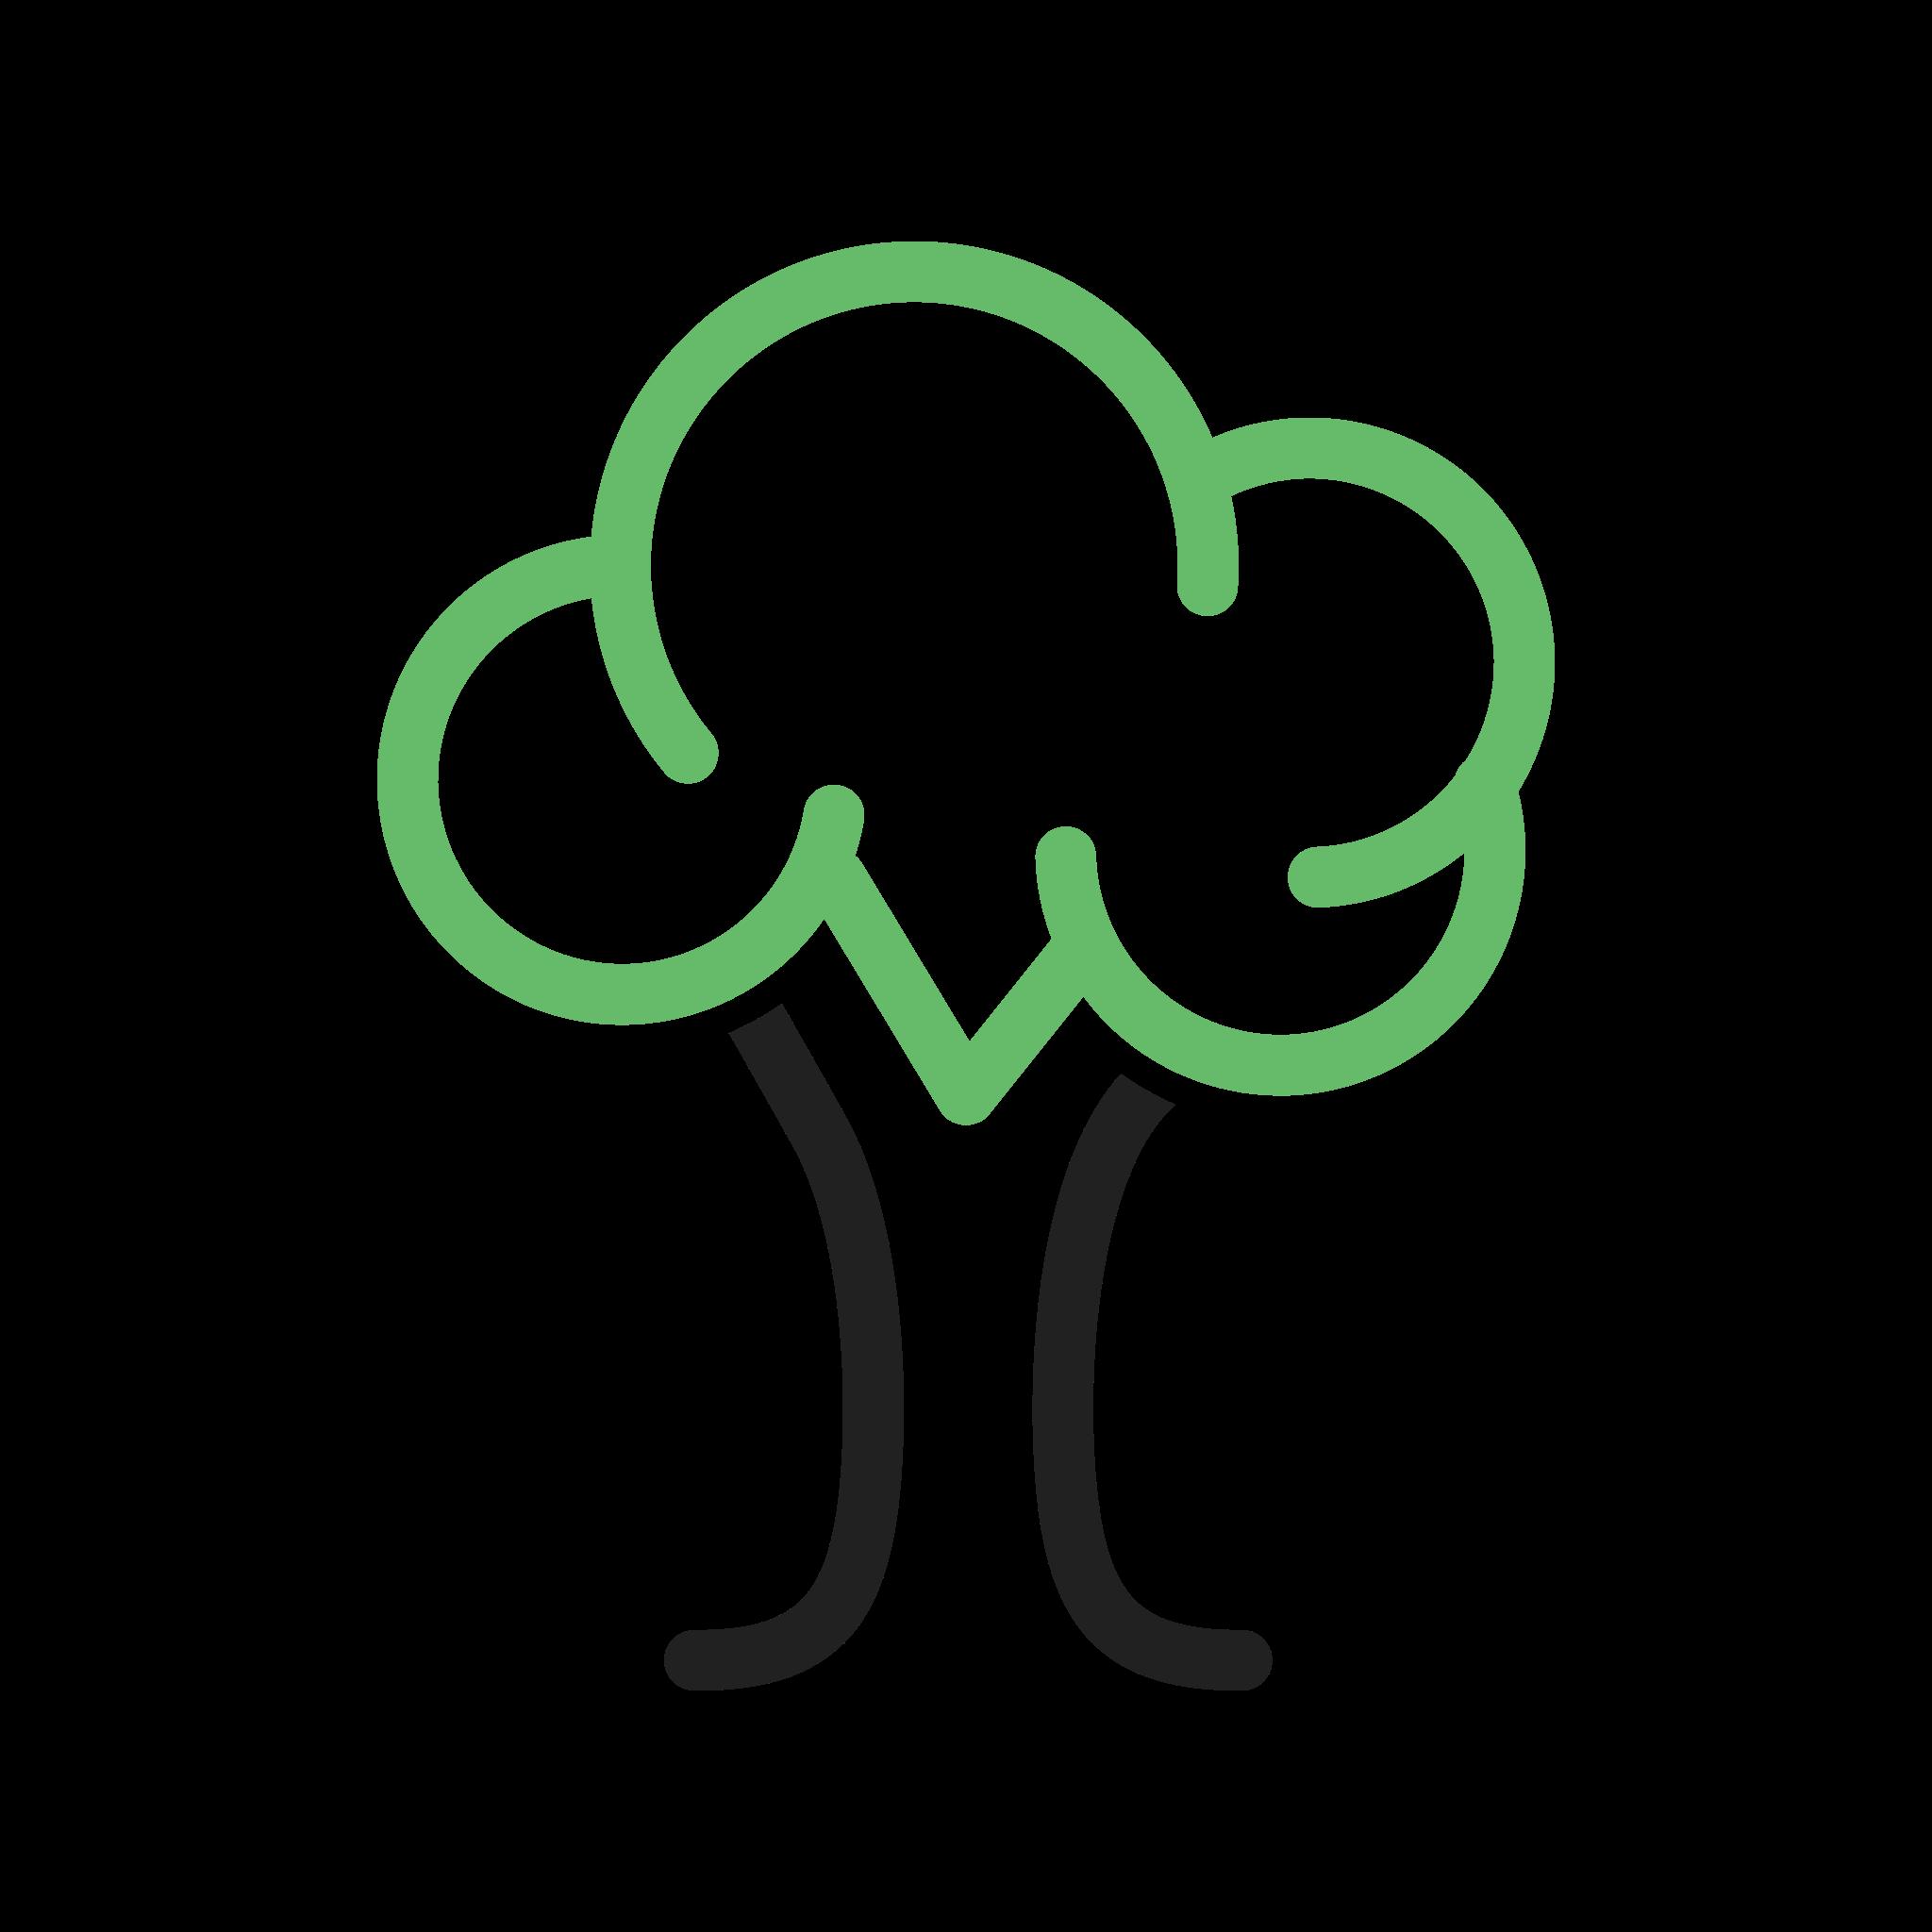 reshot-icon-tree-3QCHD7LBU9